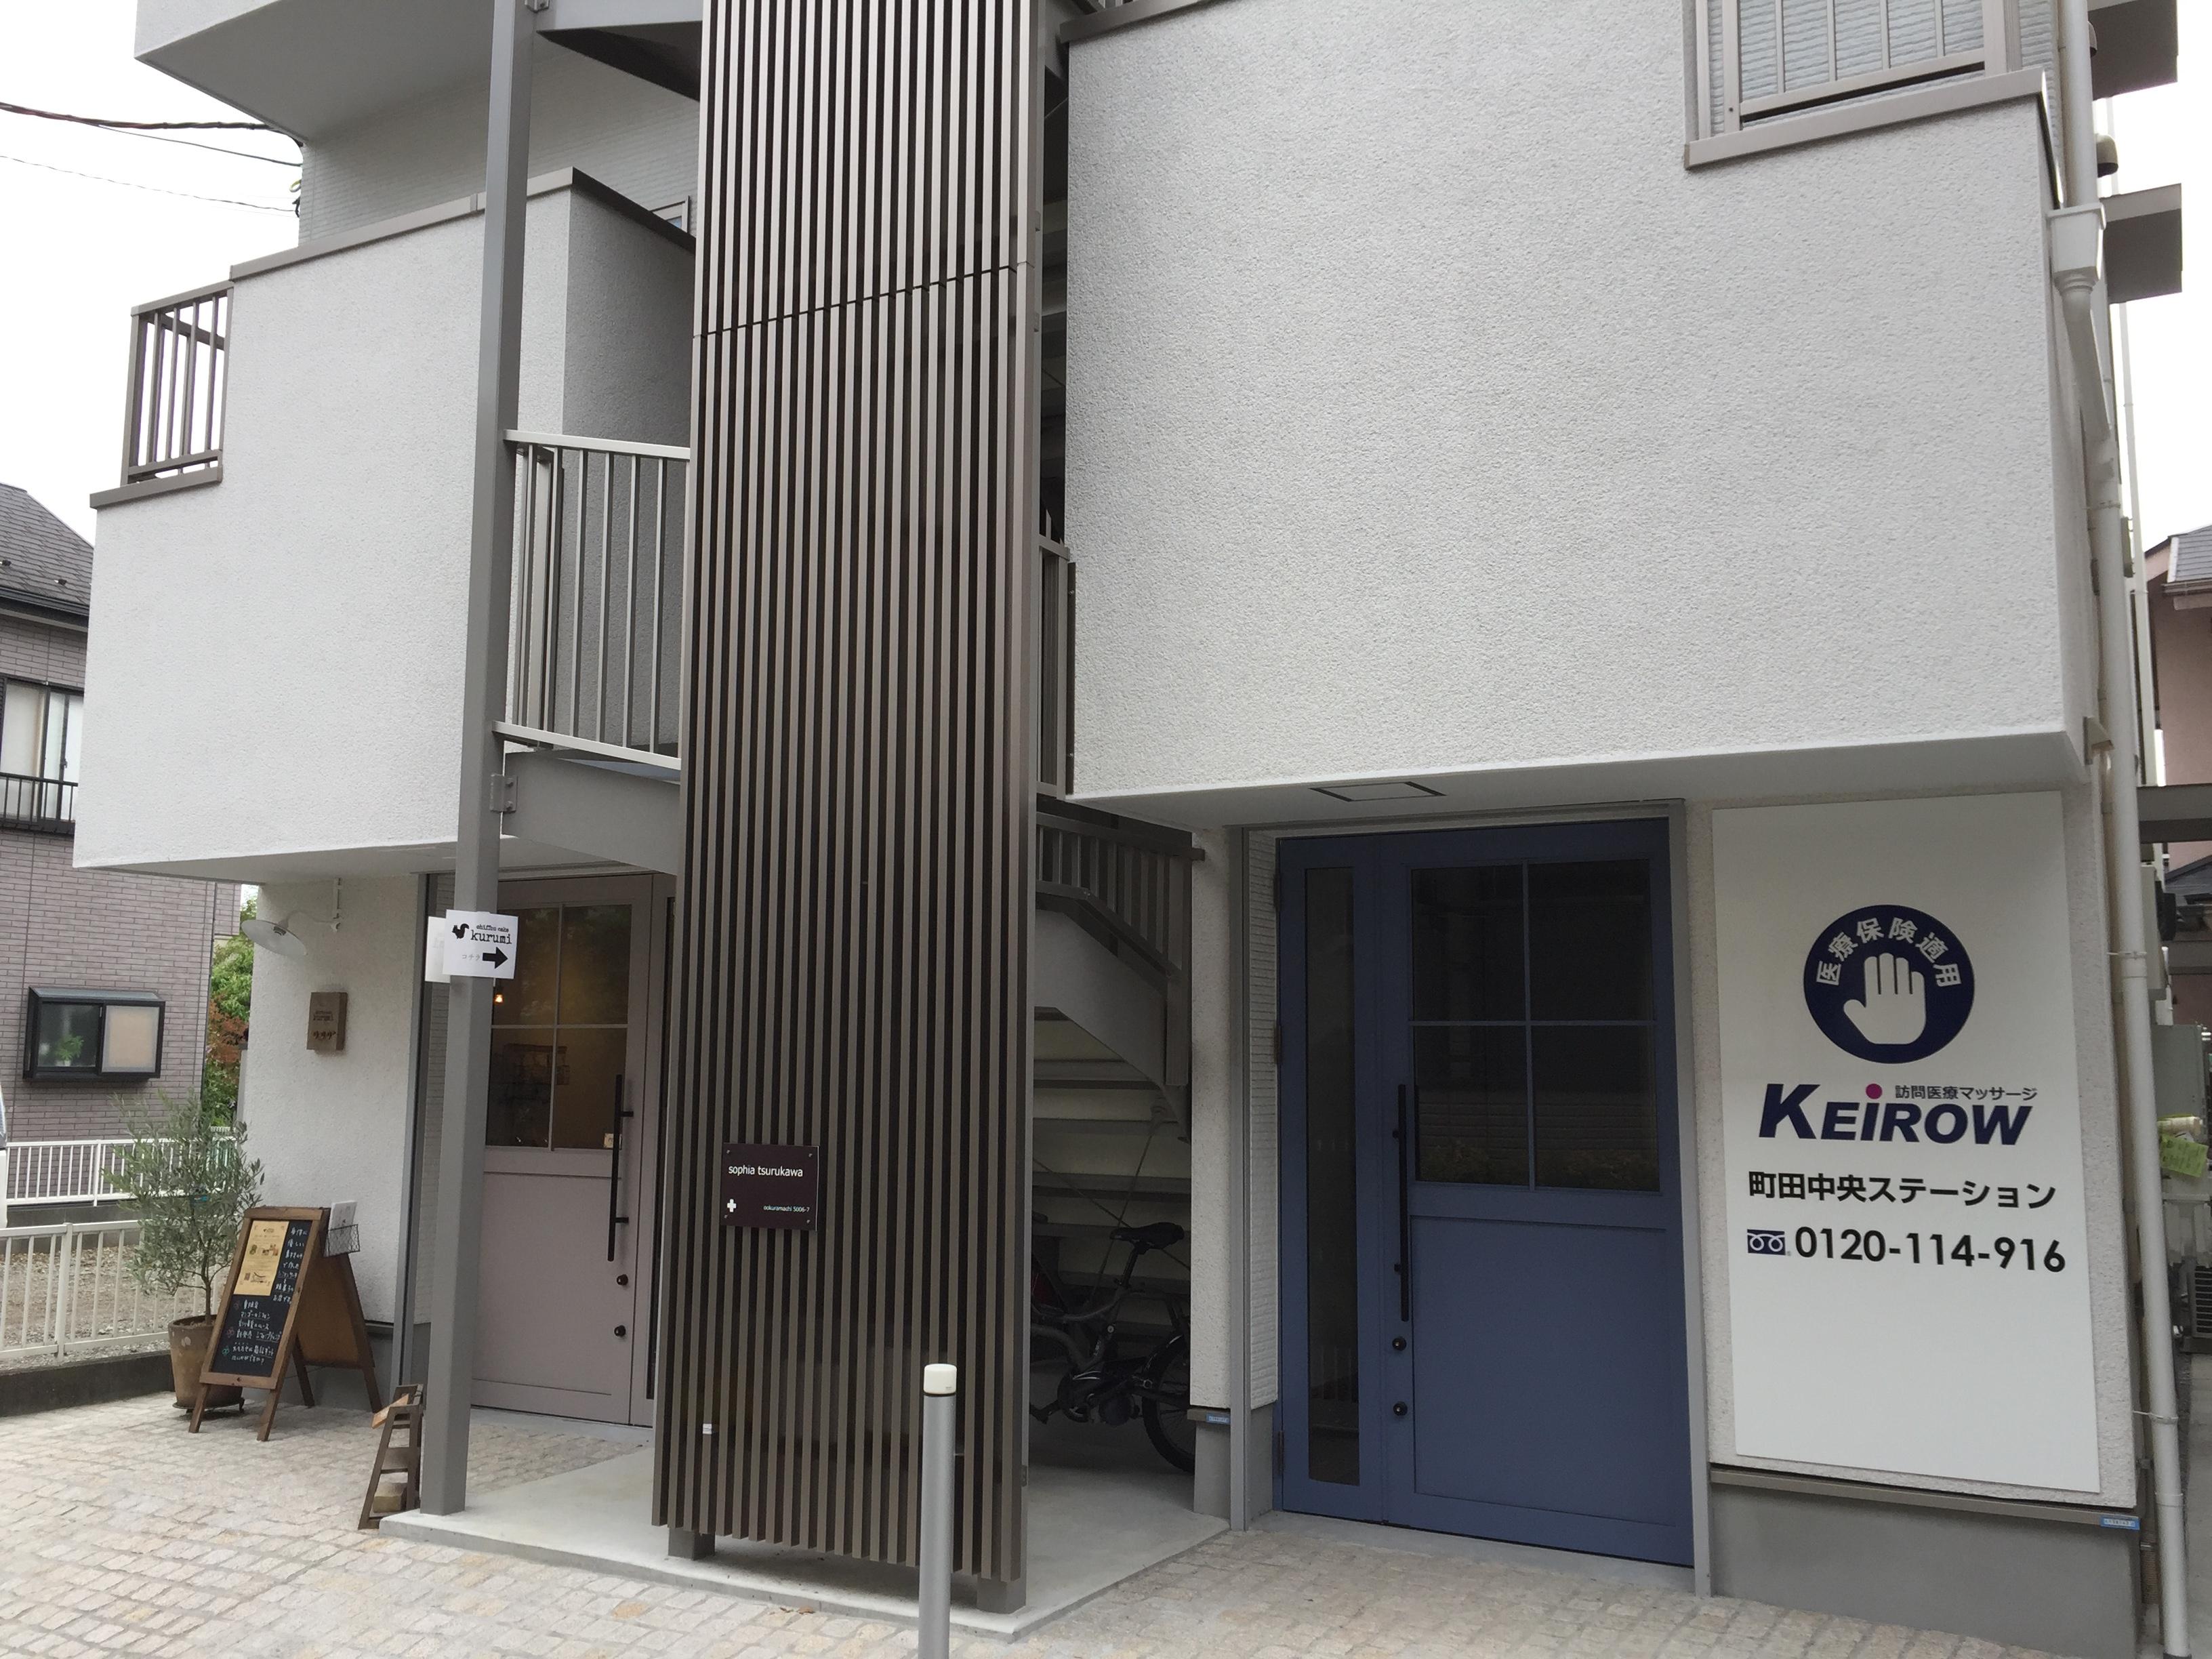 KEiROW町田中央ステーション